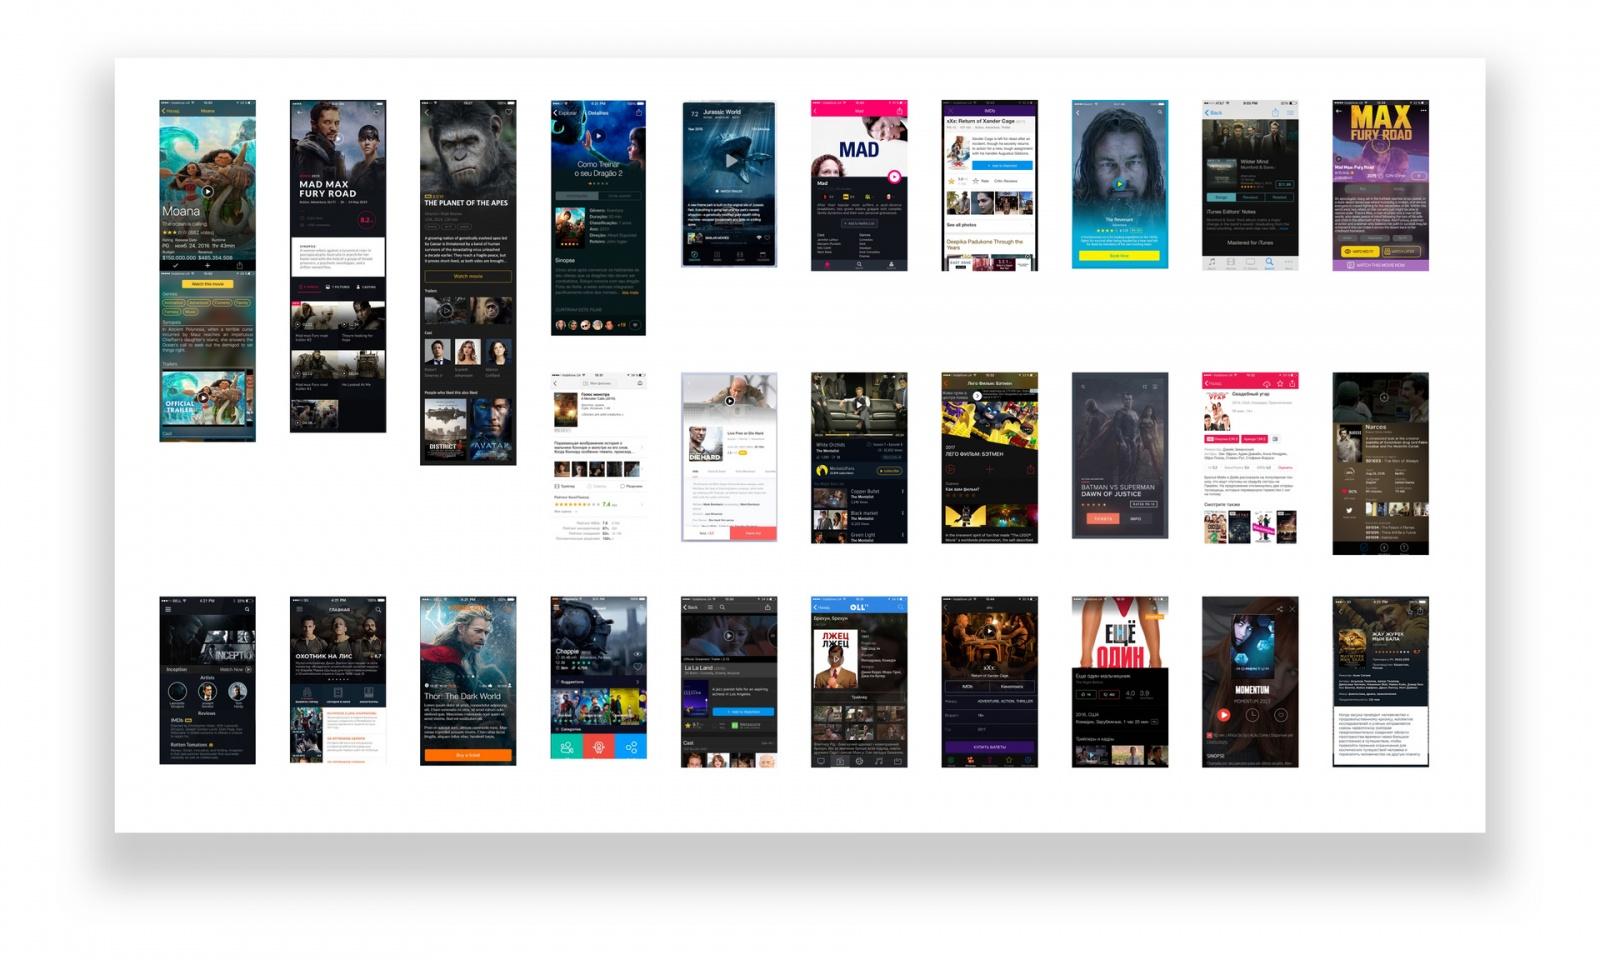 Социальная сеть для киноманов или как не закопаться, разрабатывая еще одну соцсеть - 2